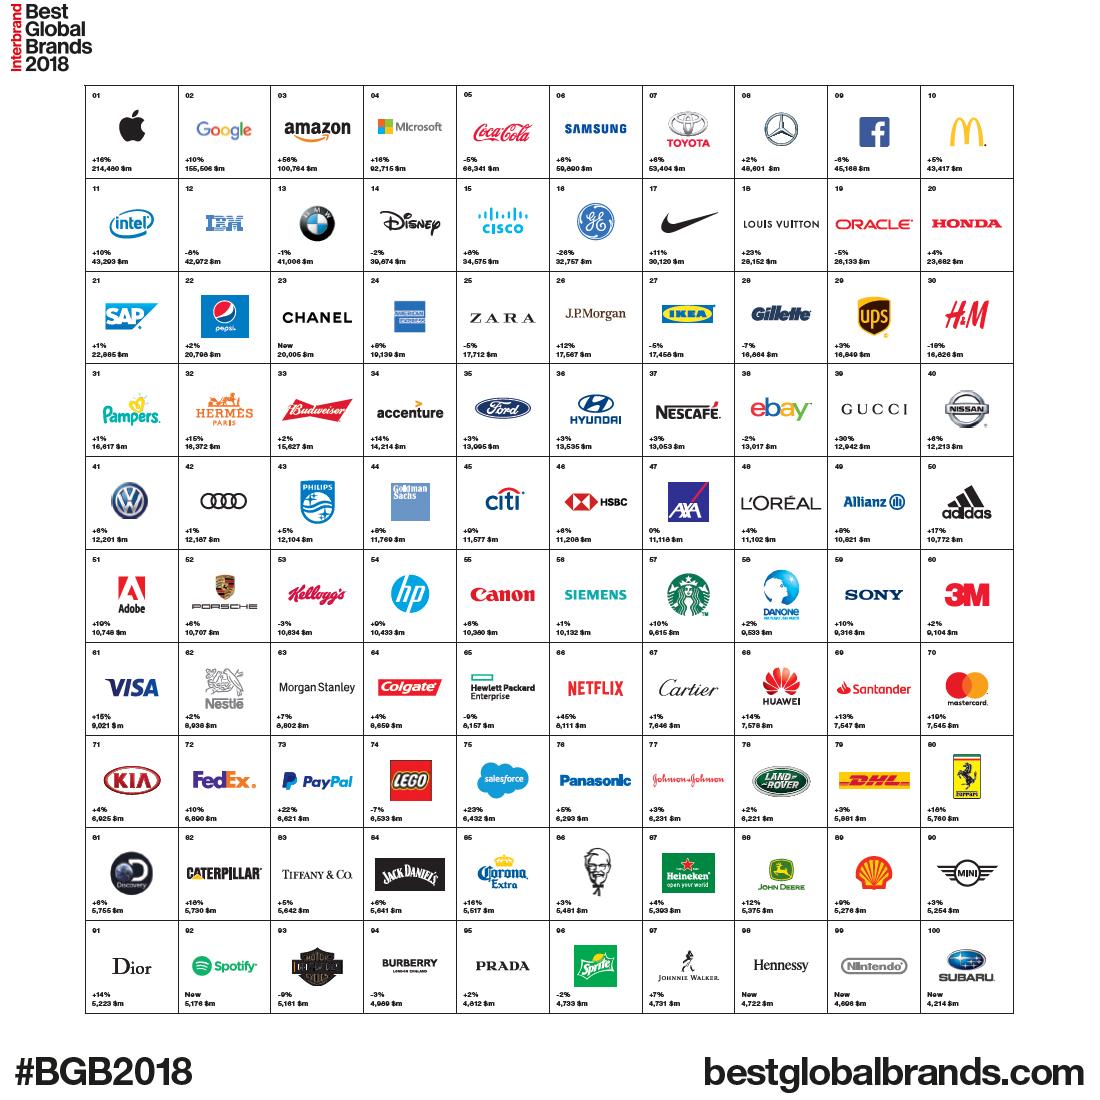 best global brands 2018 apple ist wertvollste marke der welt und mercedes berrascht